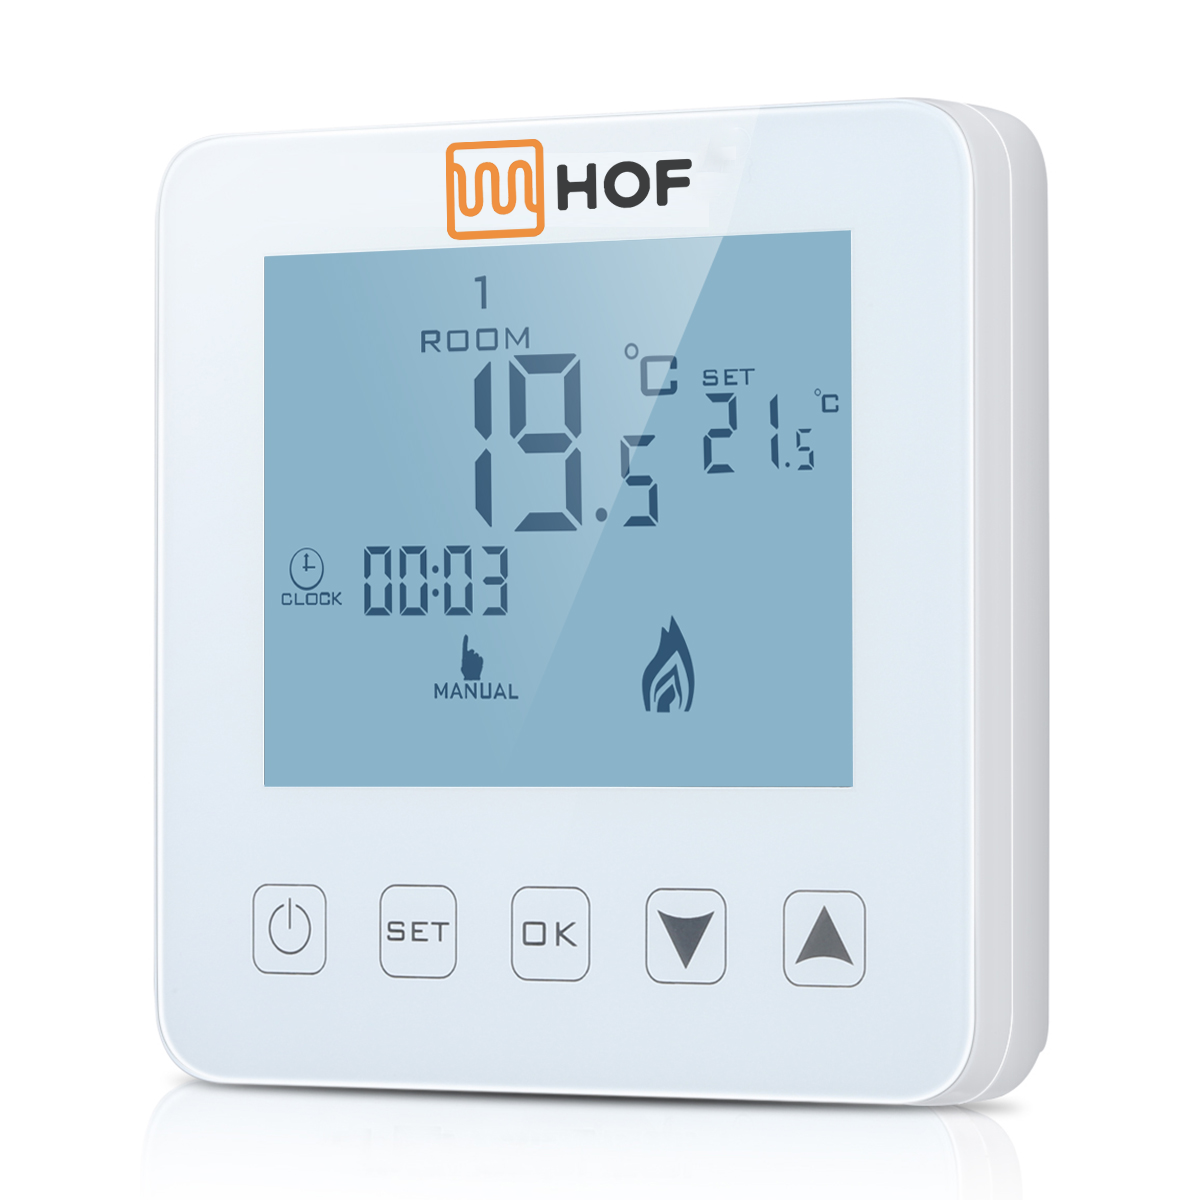 Терморегулятор для інфрачервоних панелей і обігрівачів HOF sen (Пд. Корея). Гарантія 3 роки.